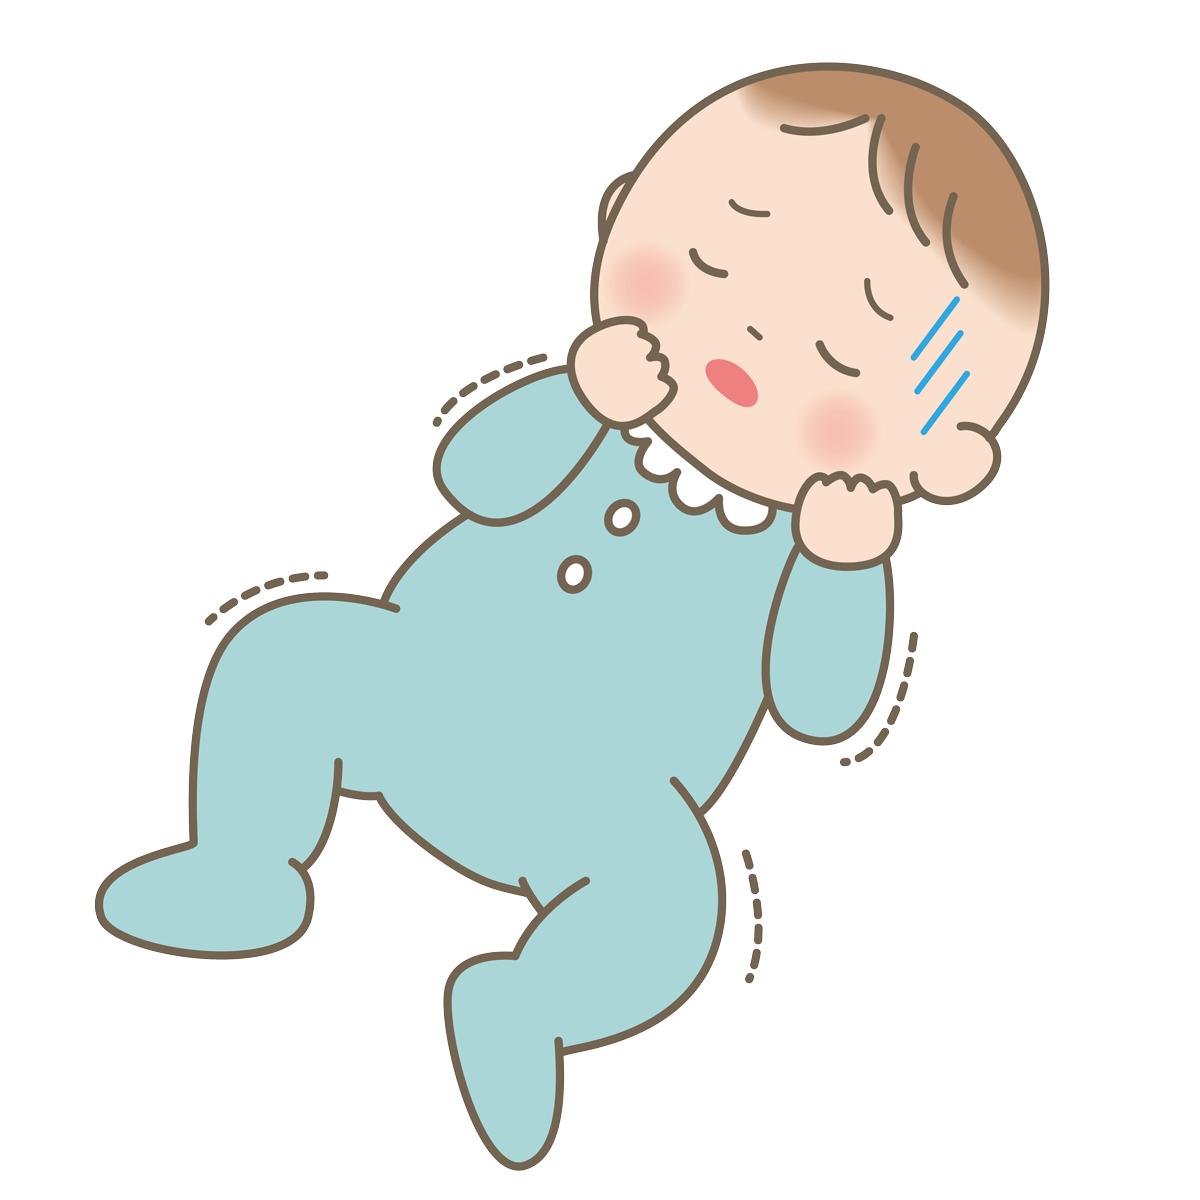 ぐったりしている赤ちゃんのイラストフリー素材看護rooカンゴルー